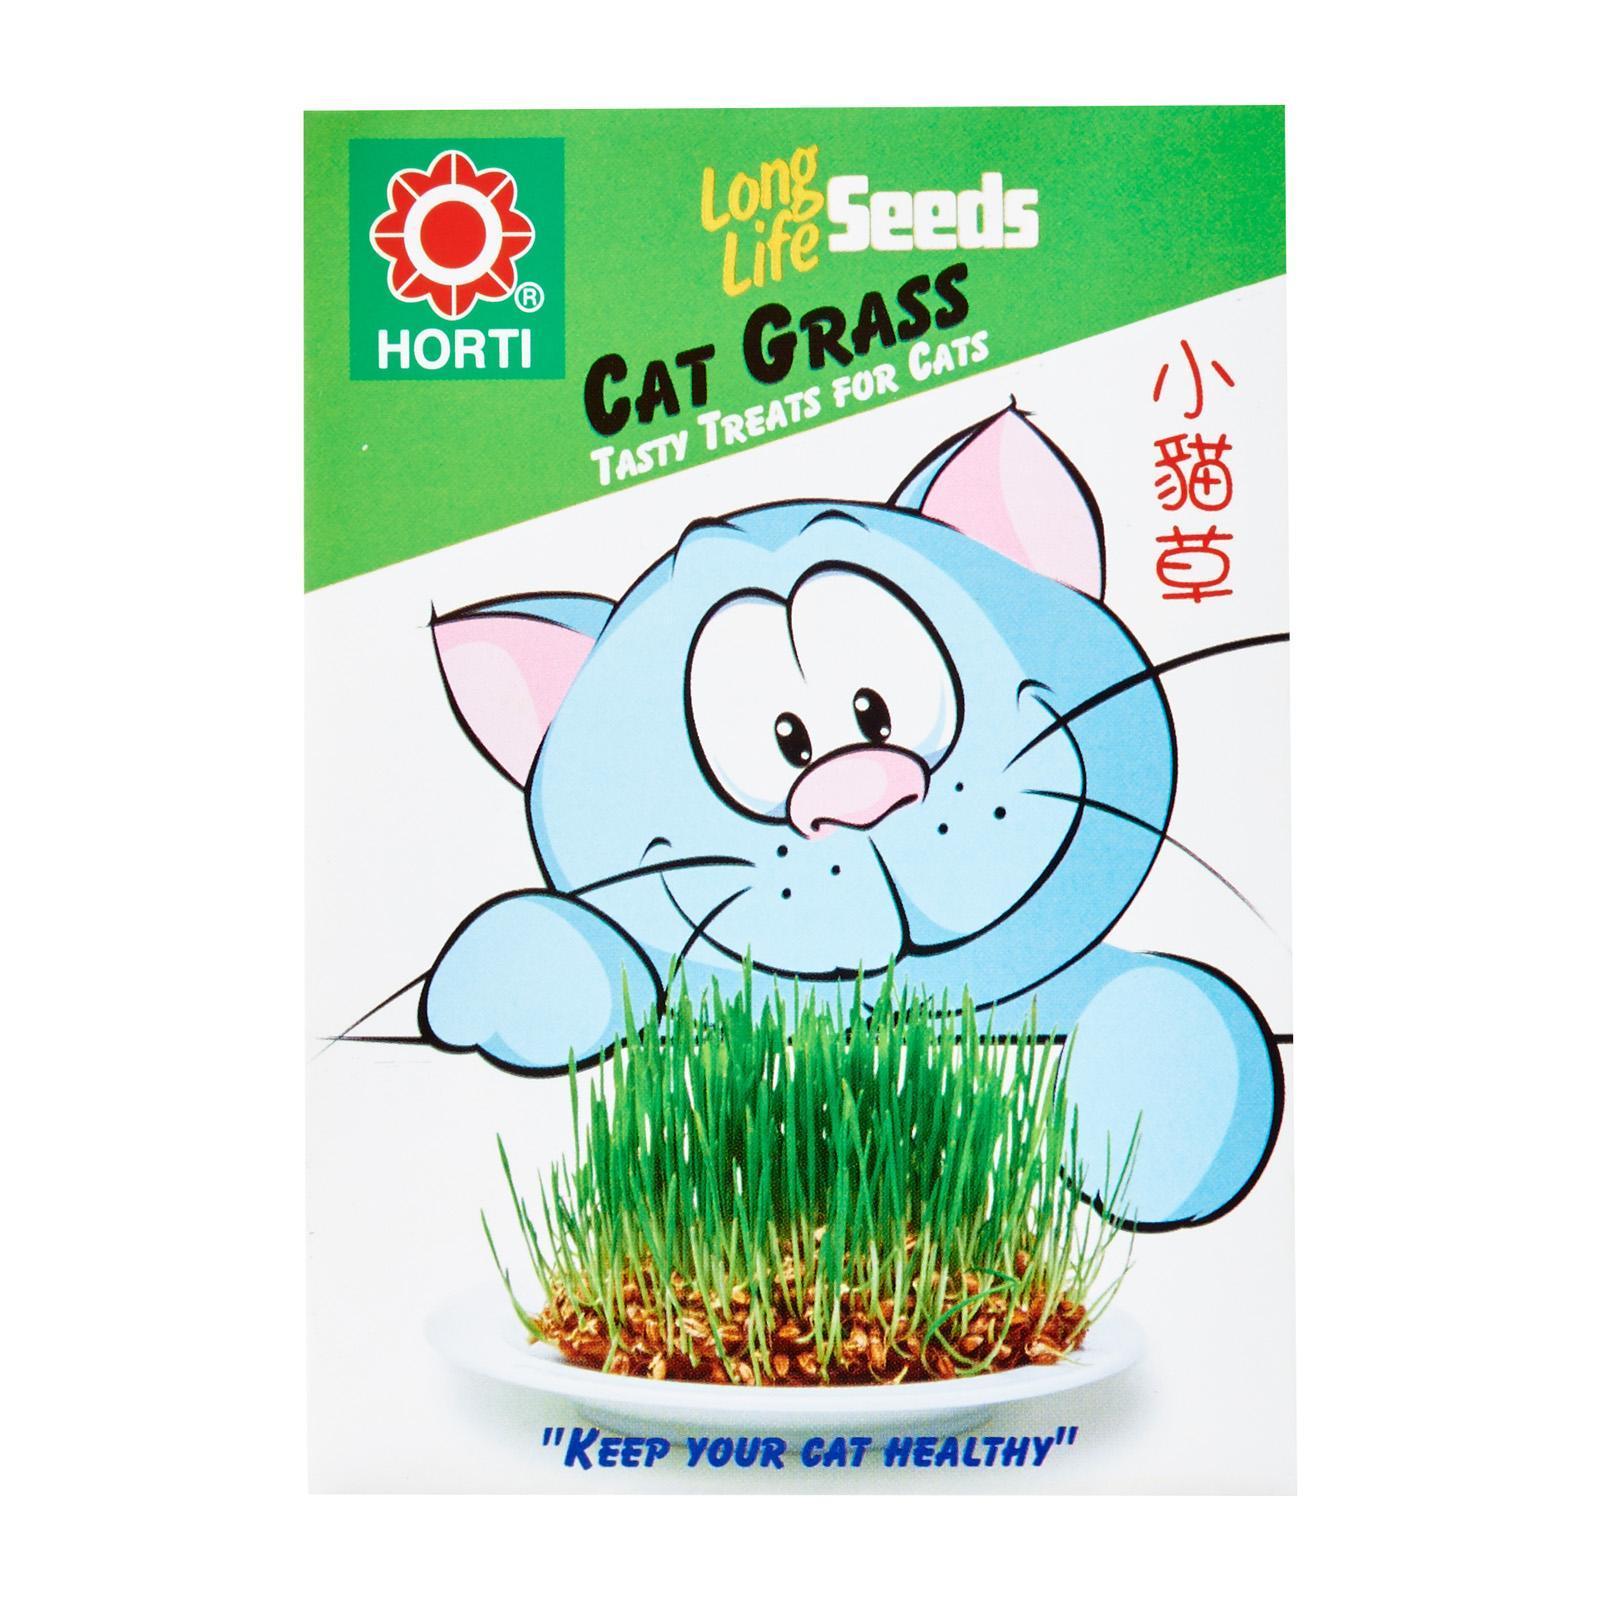 Horti Cat Grass Seeds